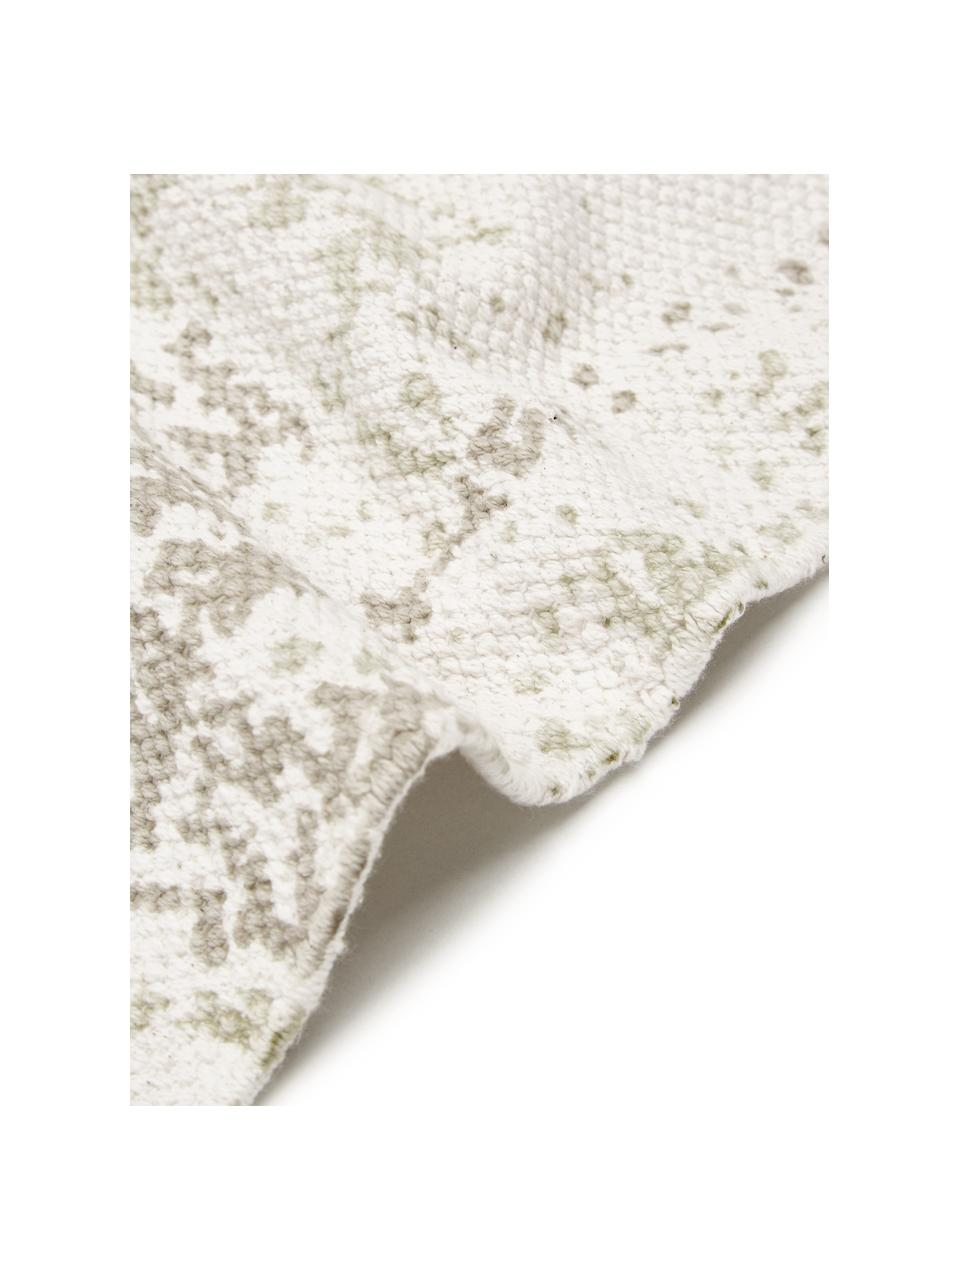 Handgewebter Baumwollteppich Jasmine in Beige/Taupe im Vintage-Style, Beige, B 50 x L 80 cm (Größe XXS)